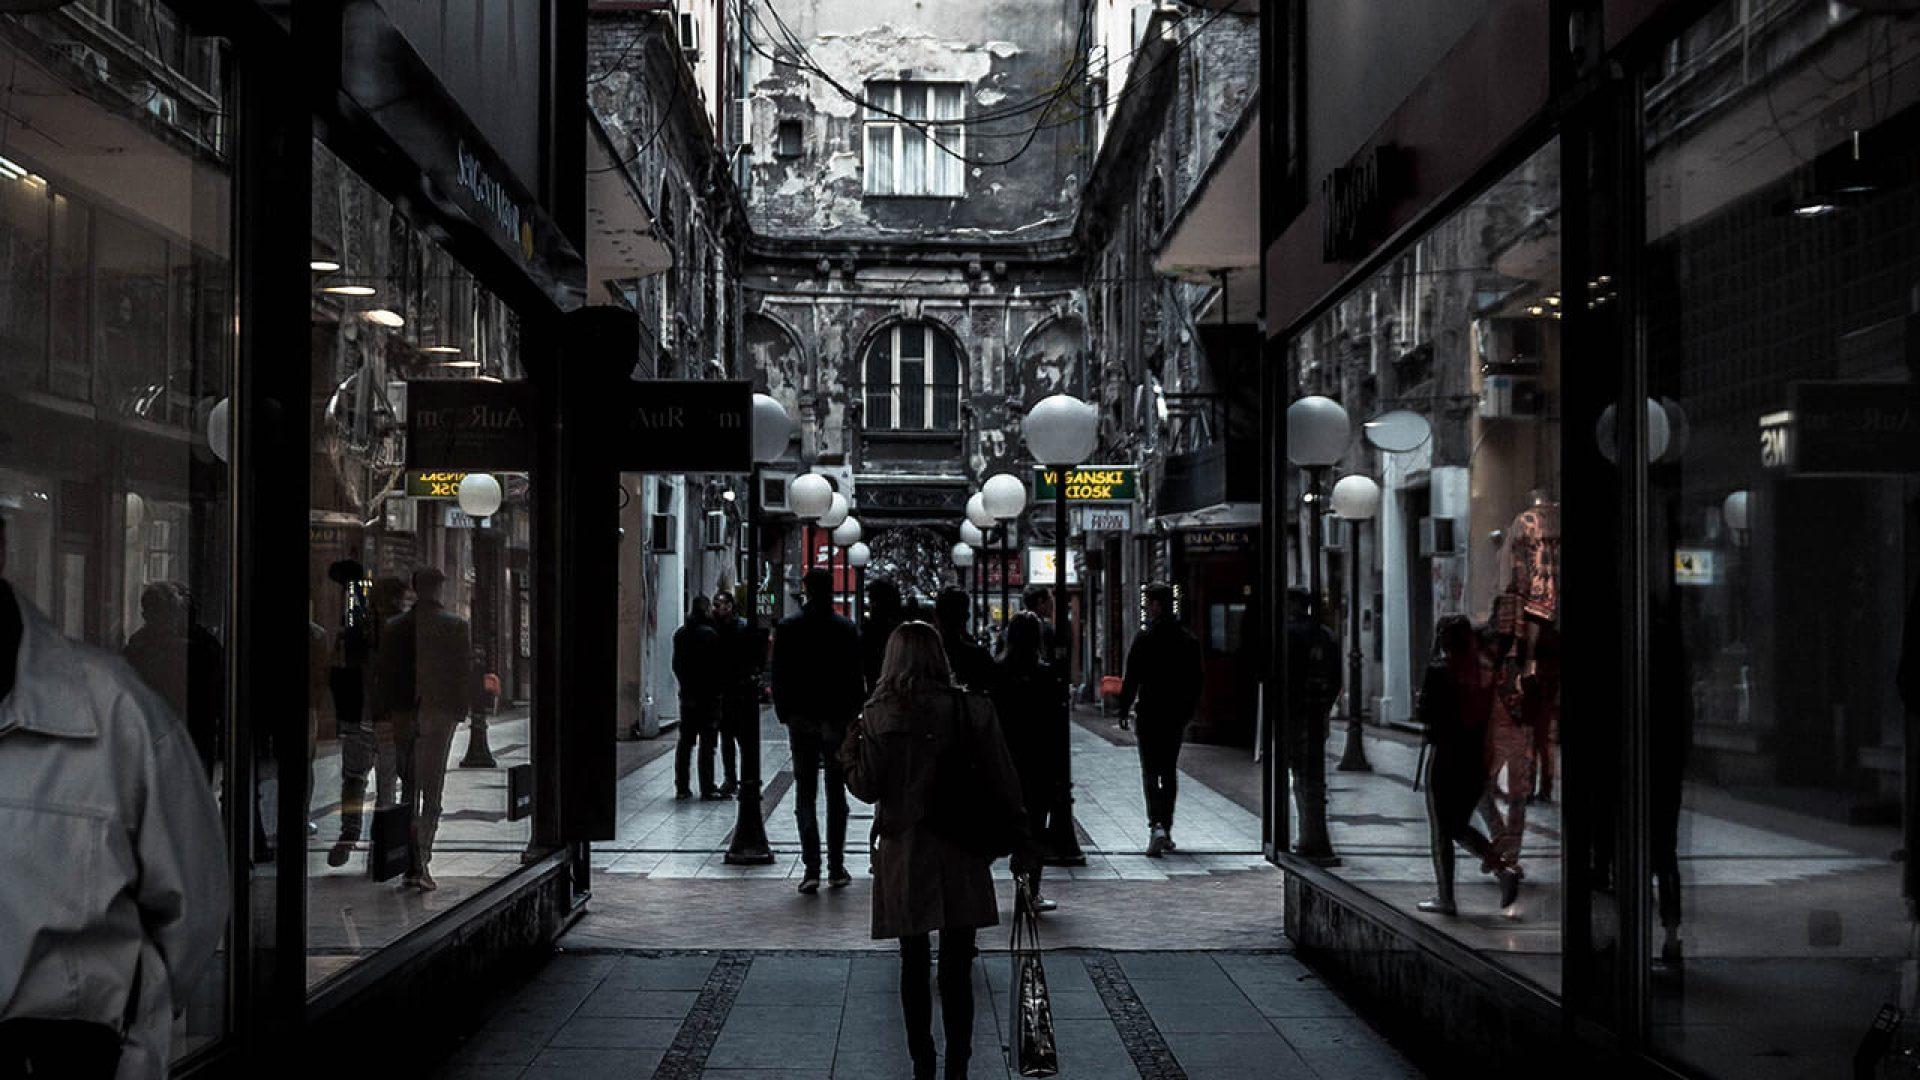 Ταξίδι στο Βελιγράδι | Εκδρομή στο Βελιγράδι, το Βερολίνο των Βαλκανίων, με το Τουριστικό γραφείο Prima Holidays